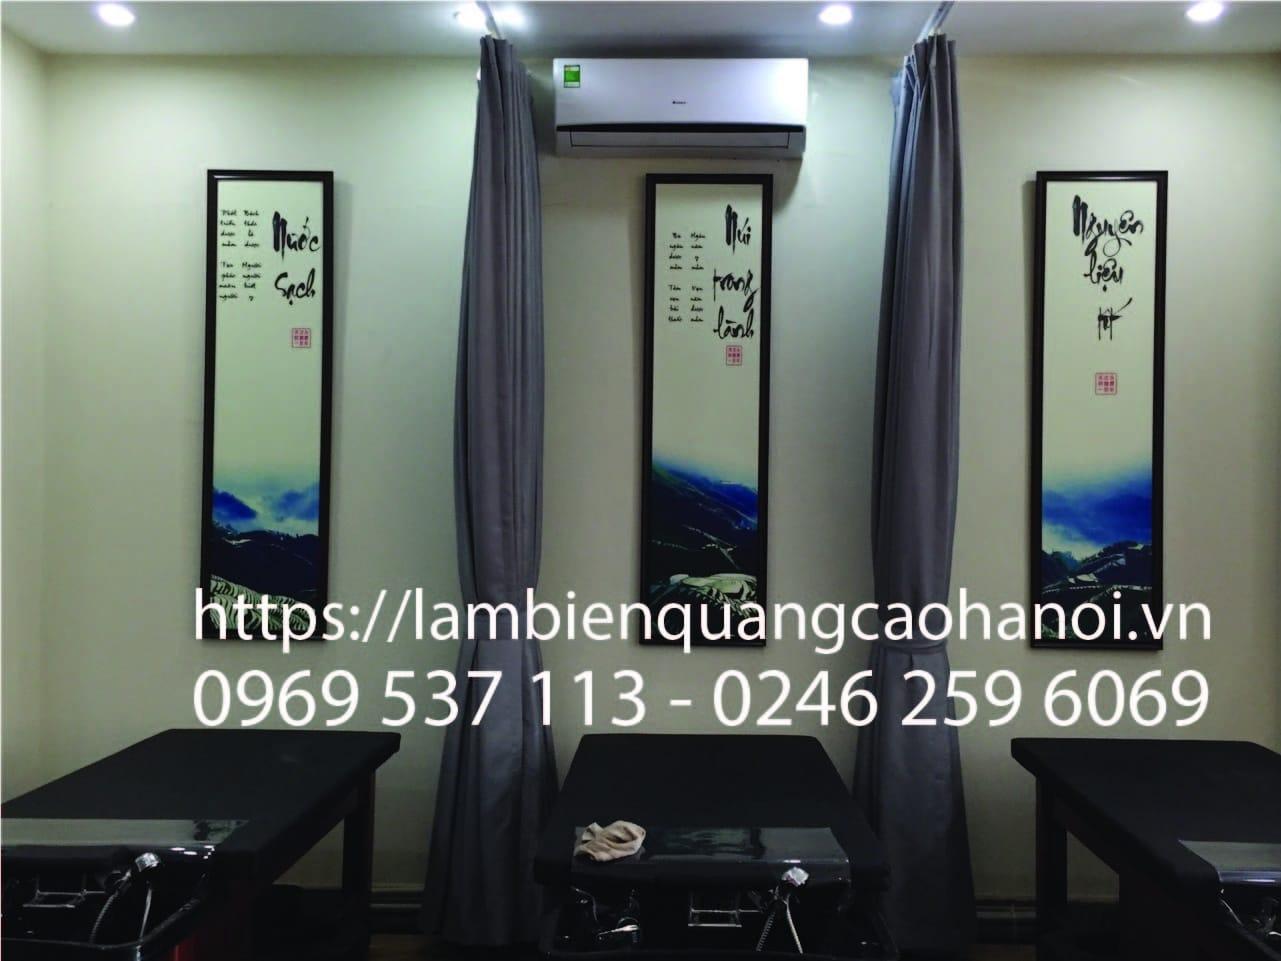 Làm biển quảng cáo Spa, thẩm mỹ viện chuyên nghiệp tại Mỹ Đình, Hà Nội